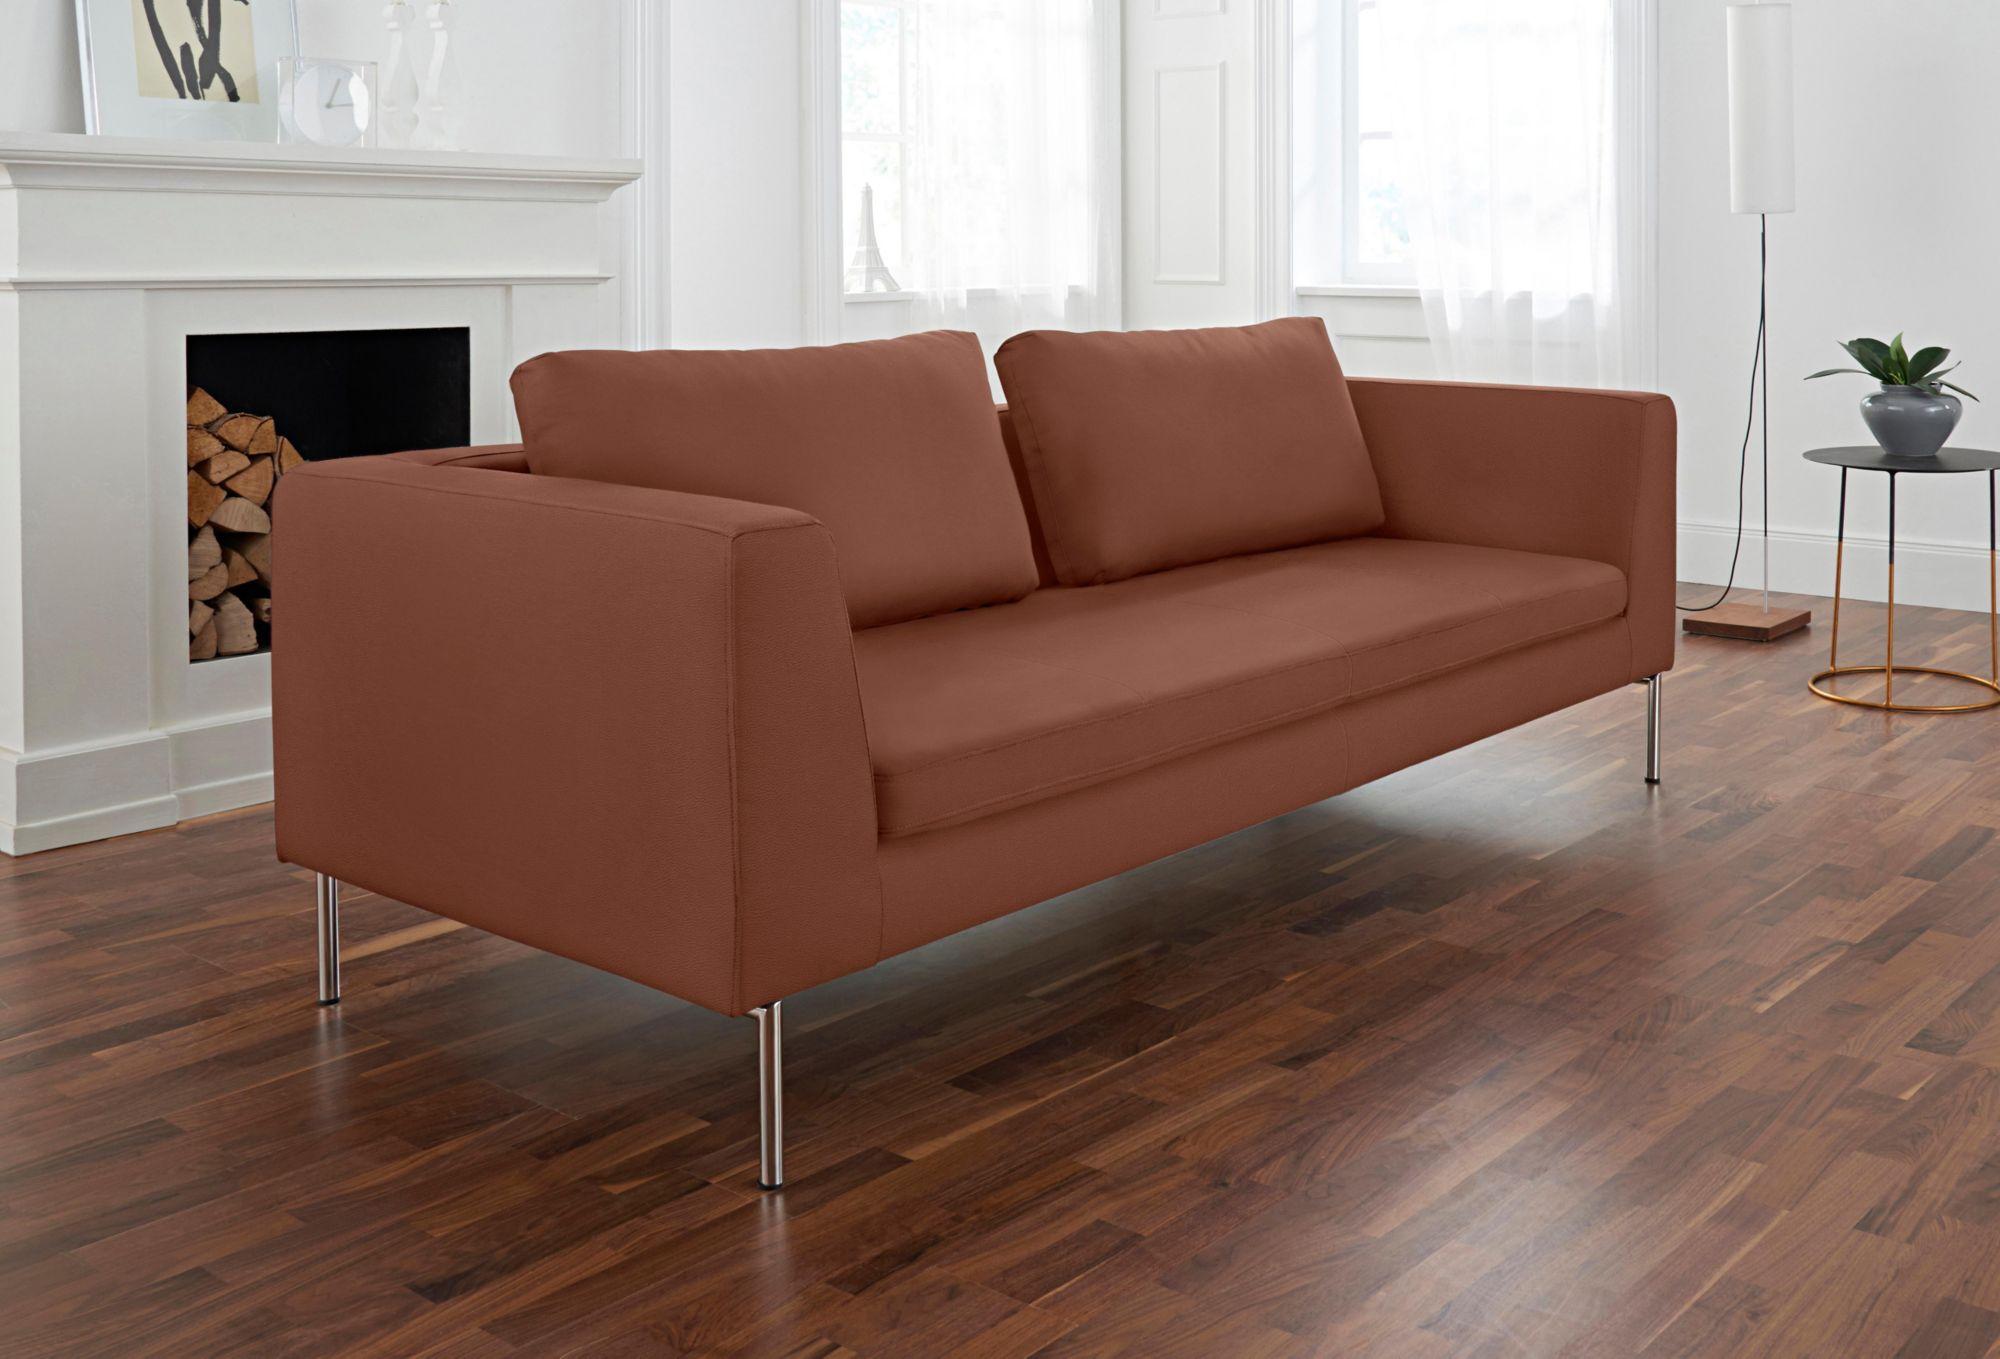 ALTE GERBEREI Alte Gerberei 3-Sitzer Sofa »Ellena« inklusive Rückenkissen